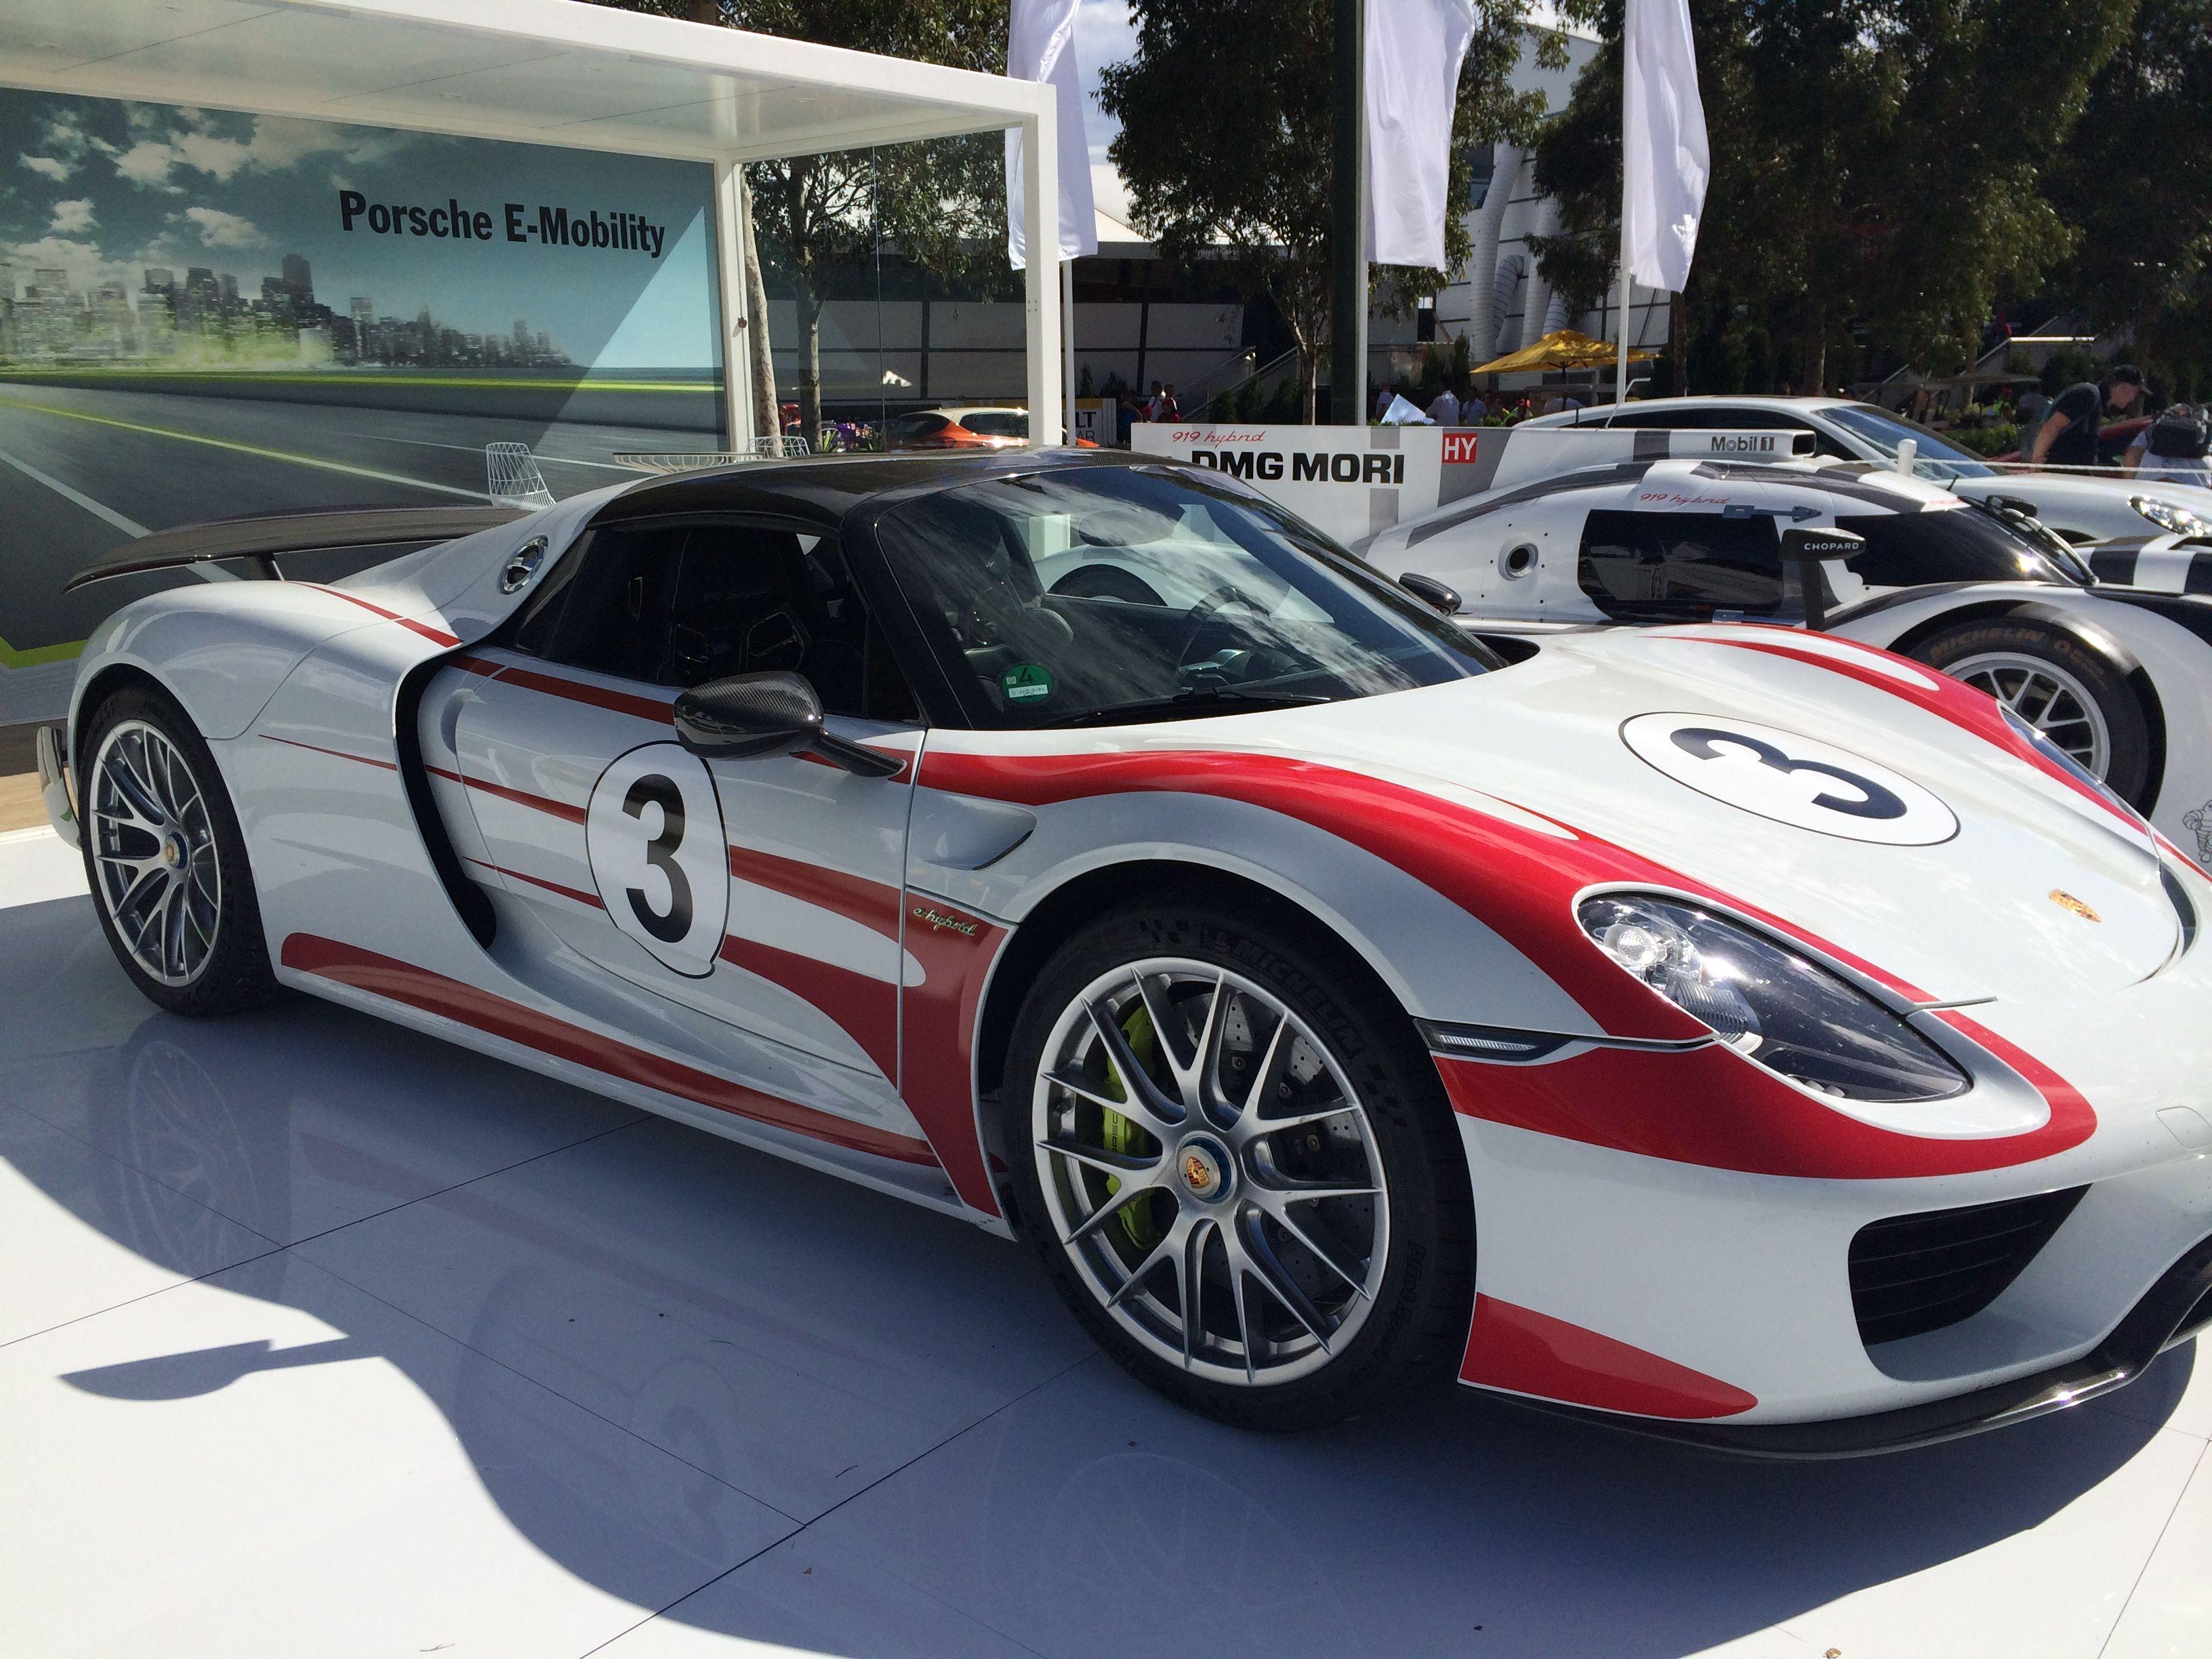 Porsche 918 Spyder 46L V8 447KW Engine Plus 210KW Electrice Power